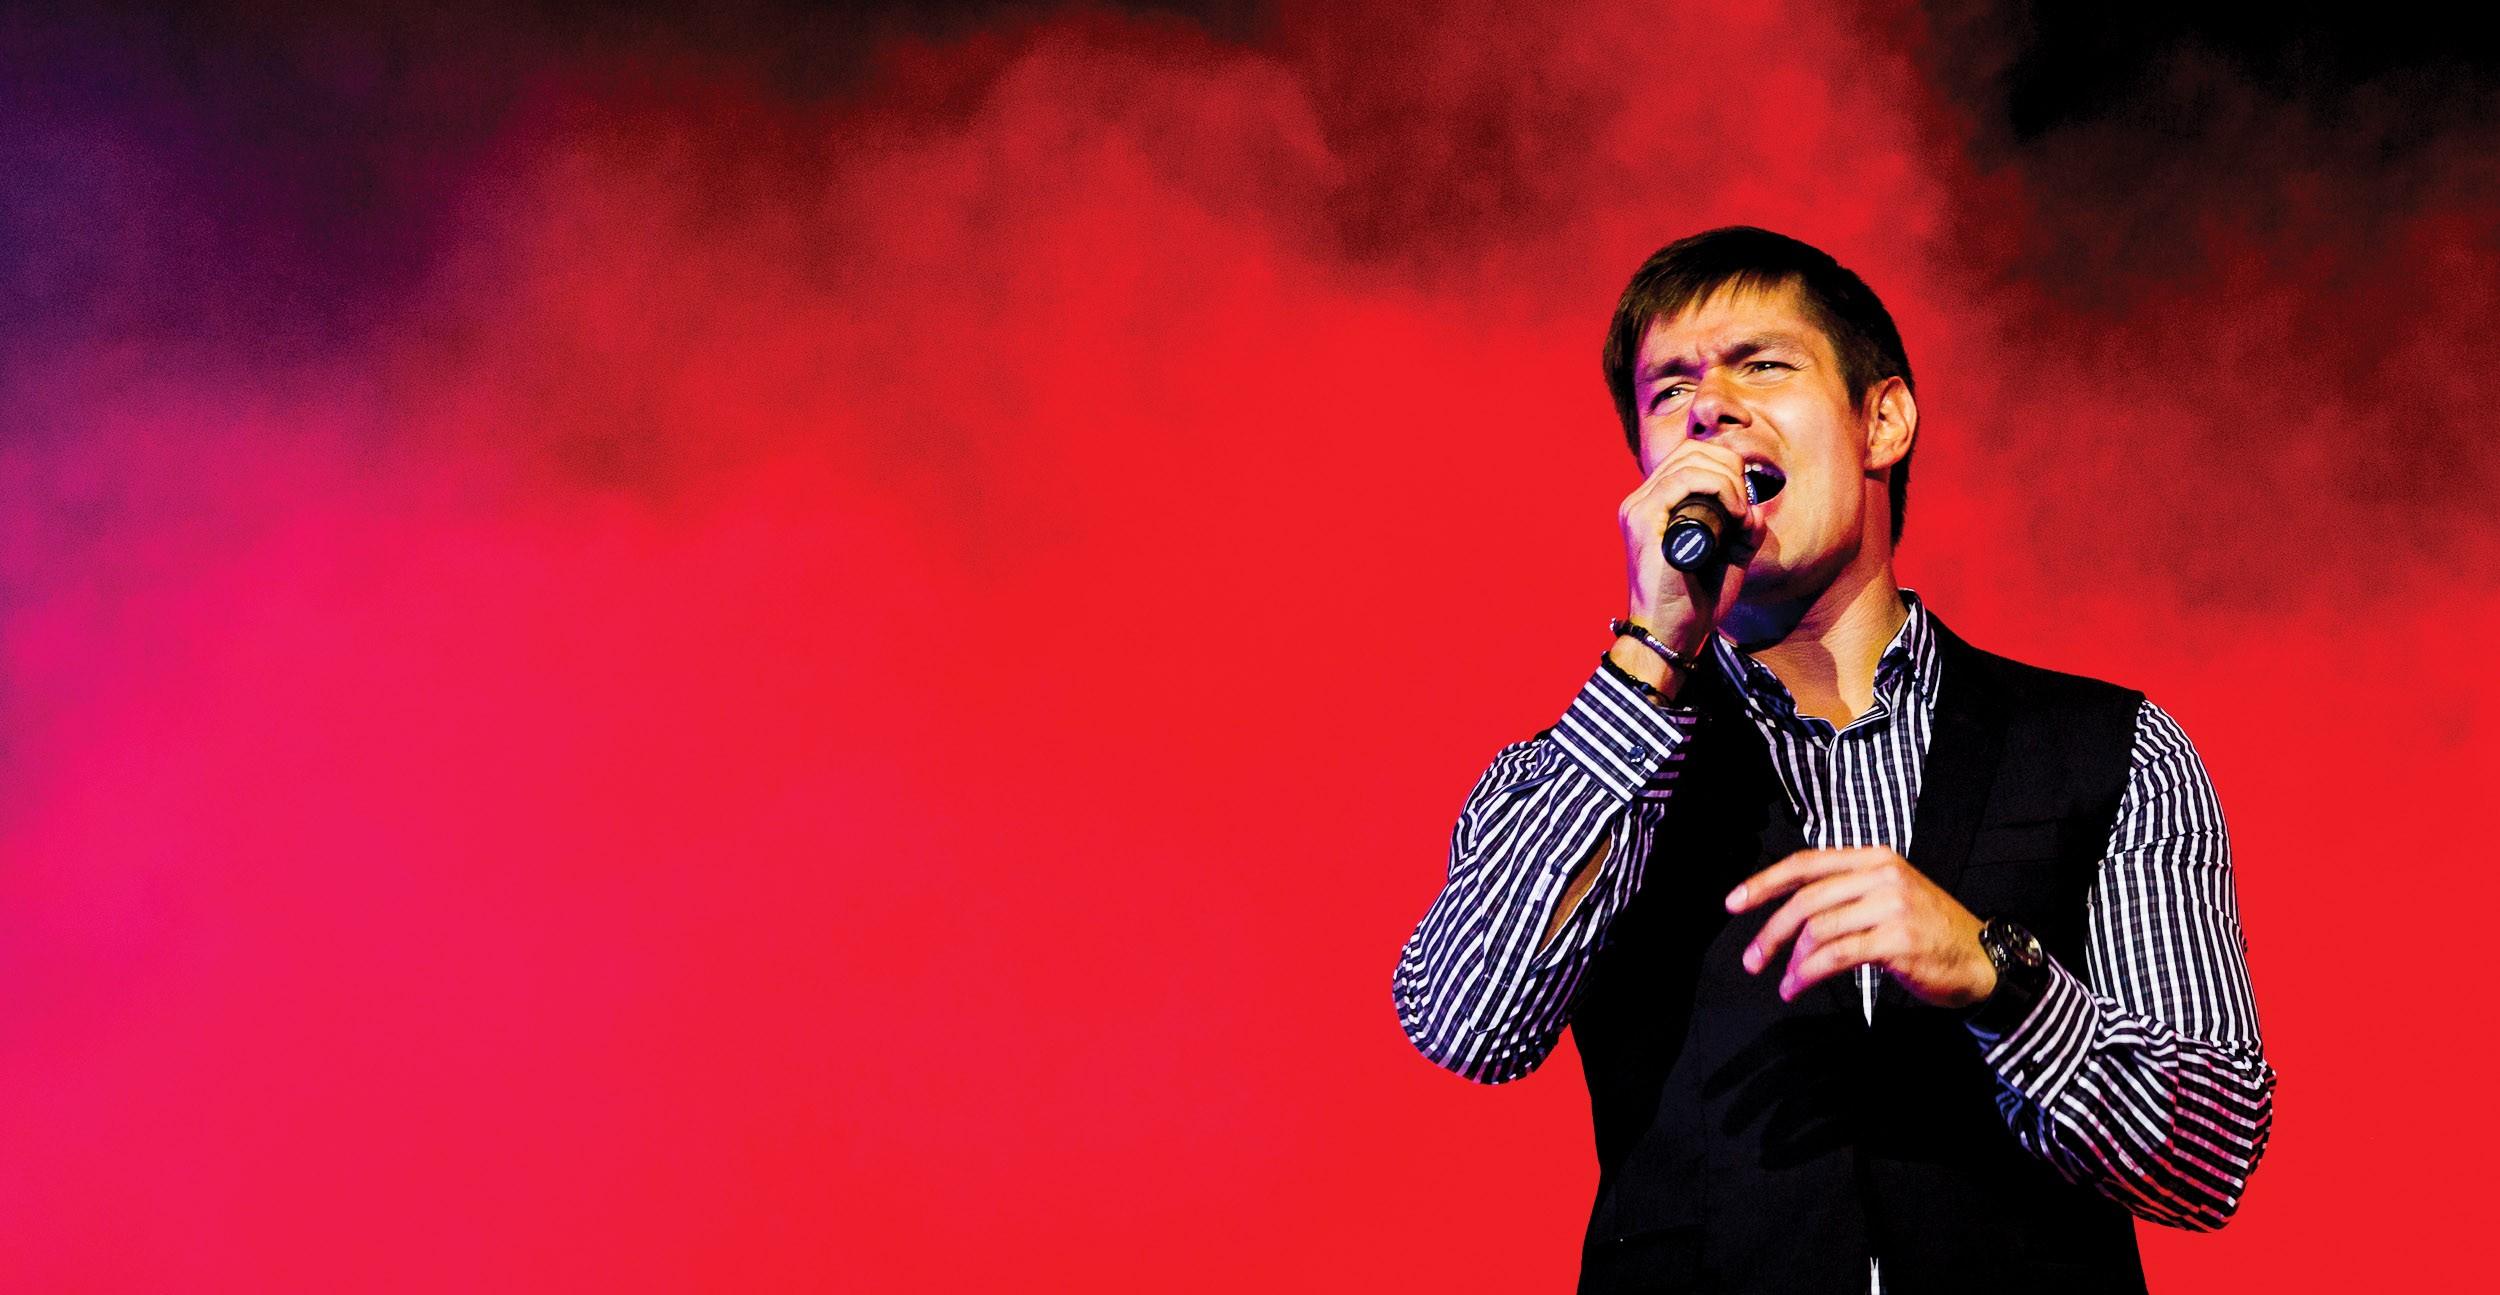 Стаса Пьеху не пустили в Одессу с концертом